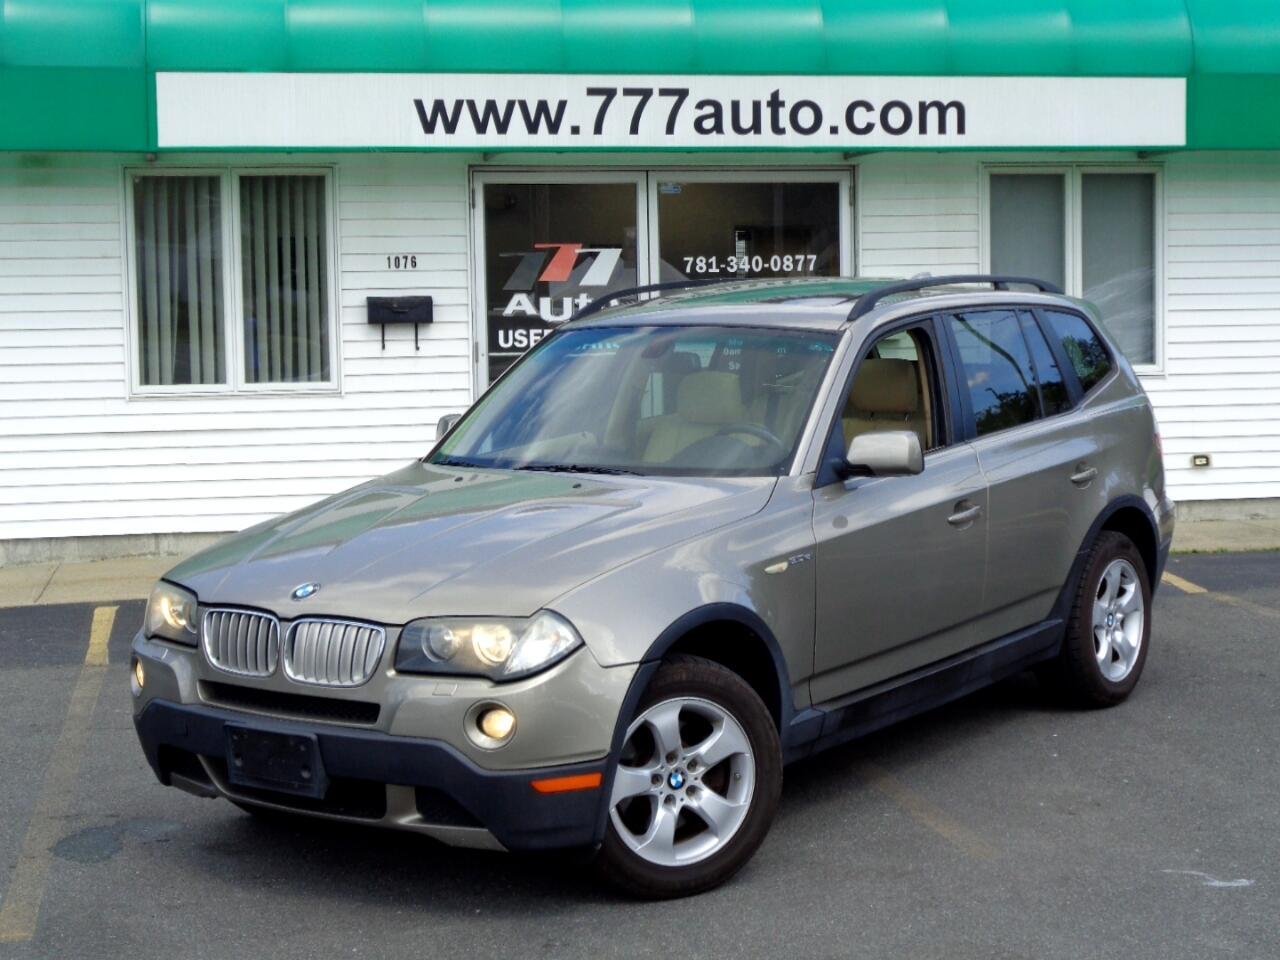 BMW X3 AWD 4dr 3.0si 2007